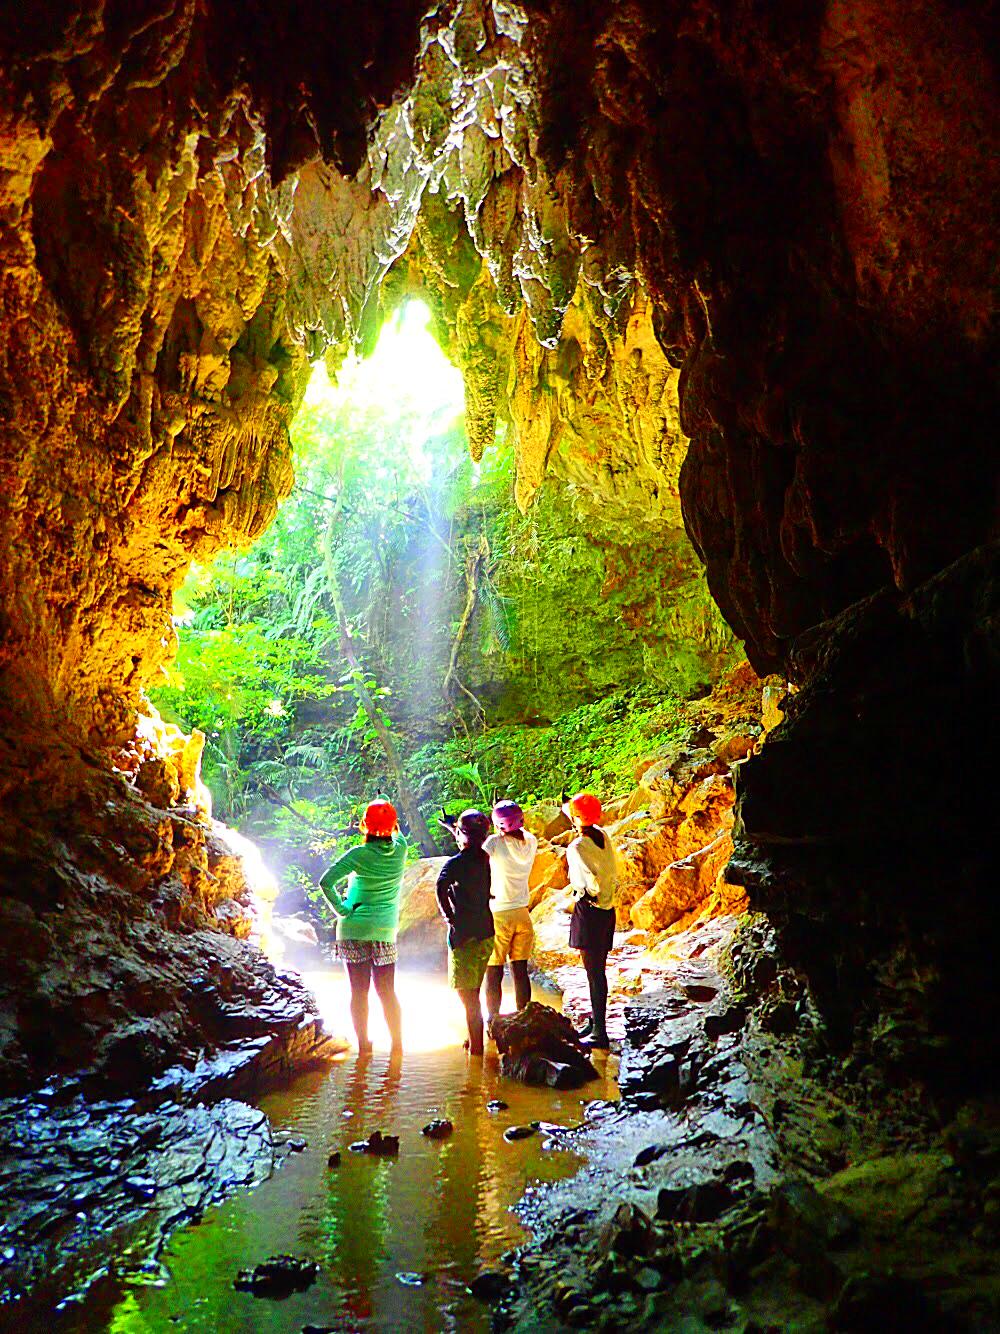 西表・石垣島旅行で西表おすすめツアー人気のケンガイドがおすすめする秘境パワースポット巡り・学生旅行・家族旅行・女子旅行で人気の西表SUPでマングローブ&ジャングル探検トレッキング滝巡り!